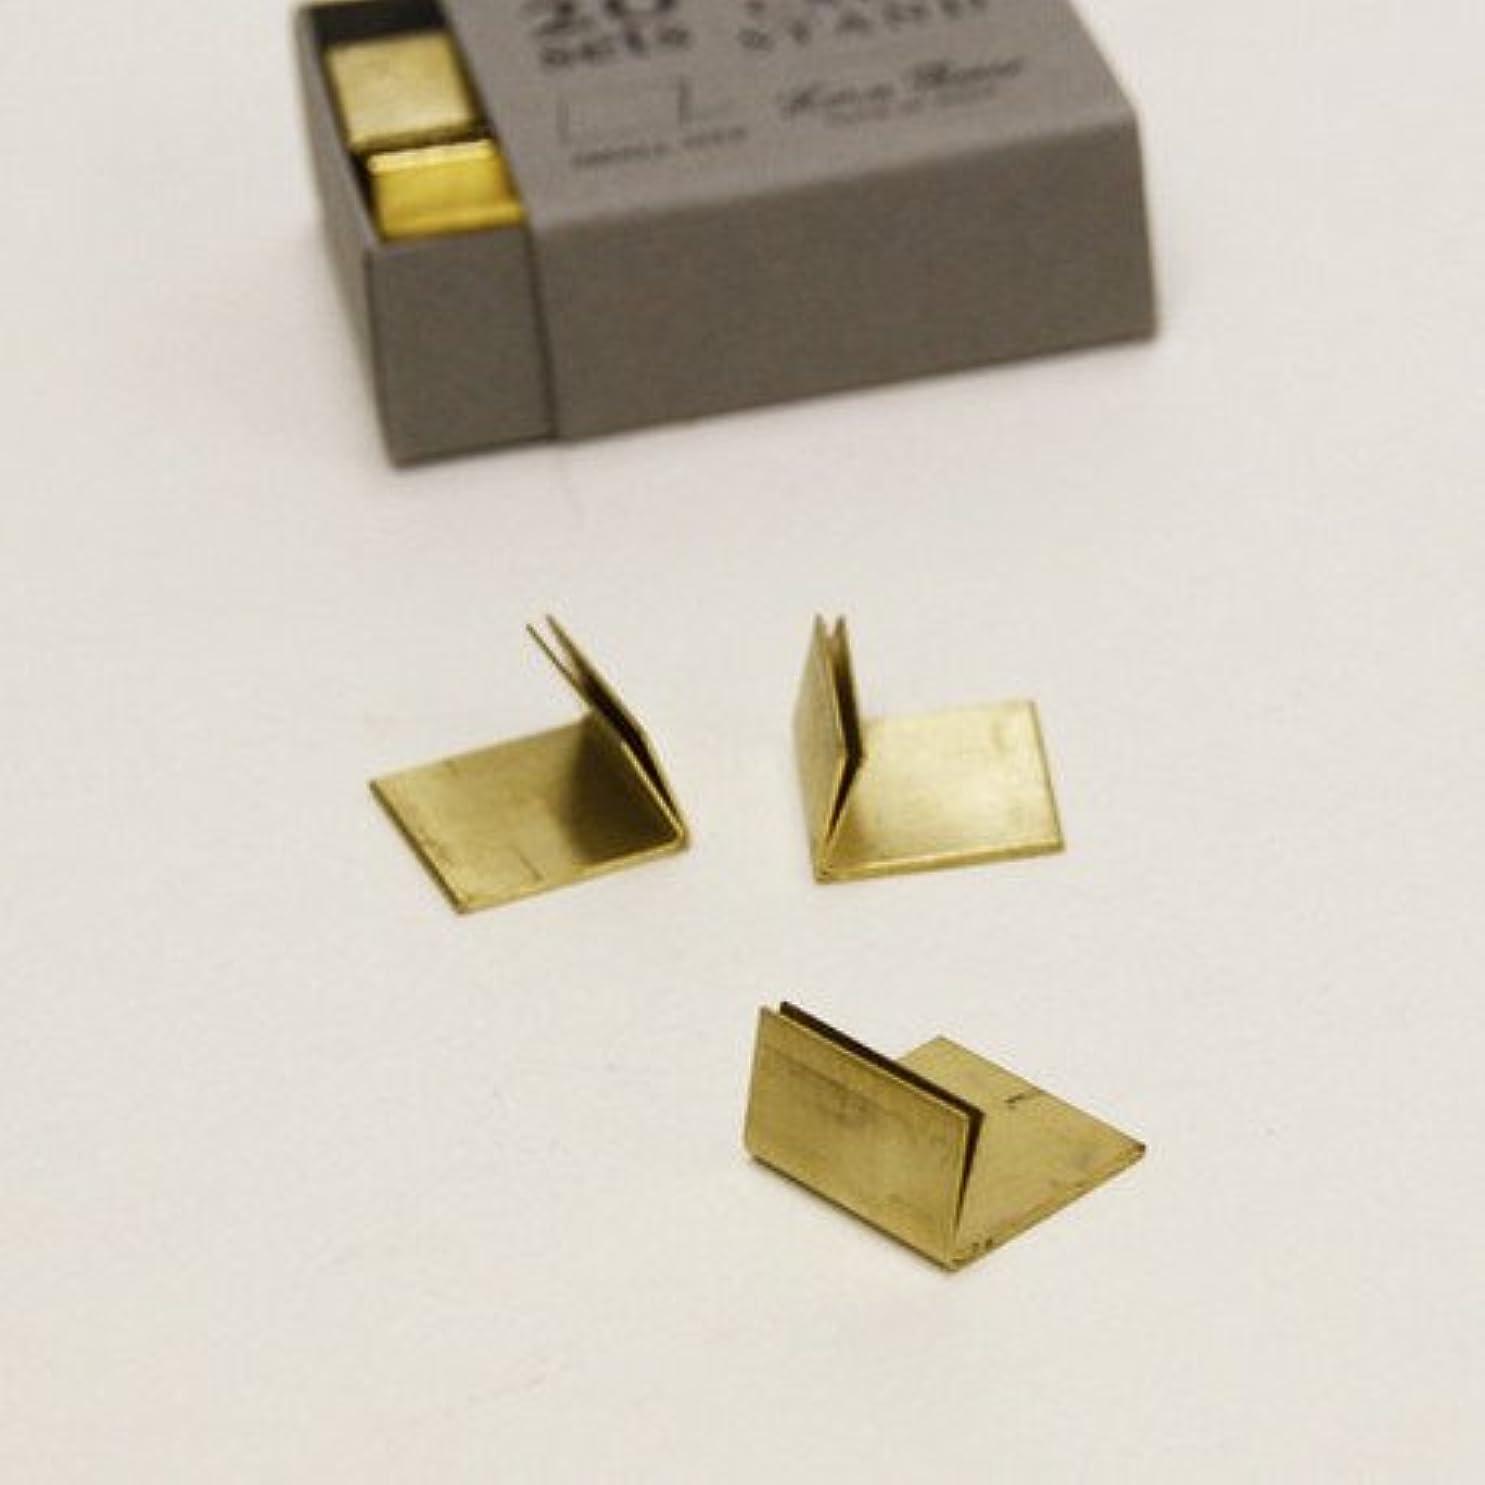 デザイナープライムバインド真鍮 アンティーク風 カードスタンド プライススタンド 20個セット ゴールド